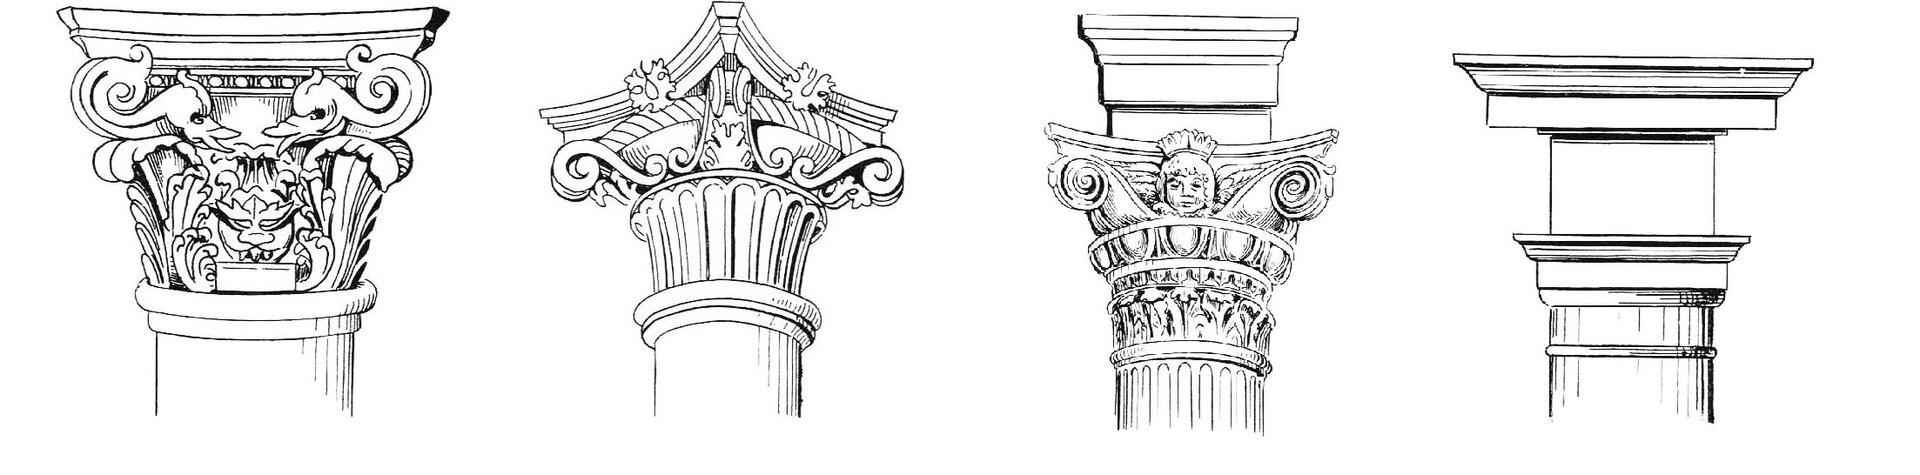 Ilustracja przedstawia szkic czterech przykładowych głowic renesansowych. Wszystkie głowice są rozbudowane. Trzy znich posiadają bogate zdobienia idekoracje wpostaci ornamentów oraz motywów kwiatowych.